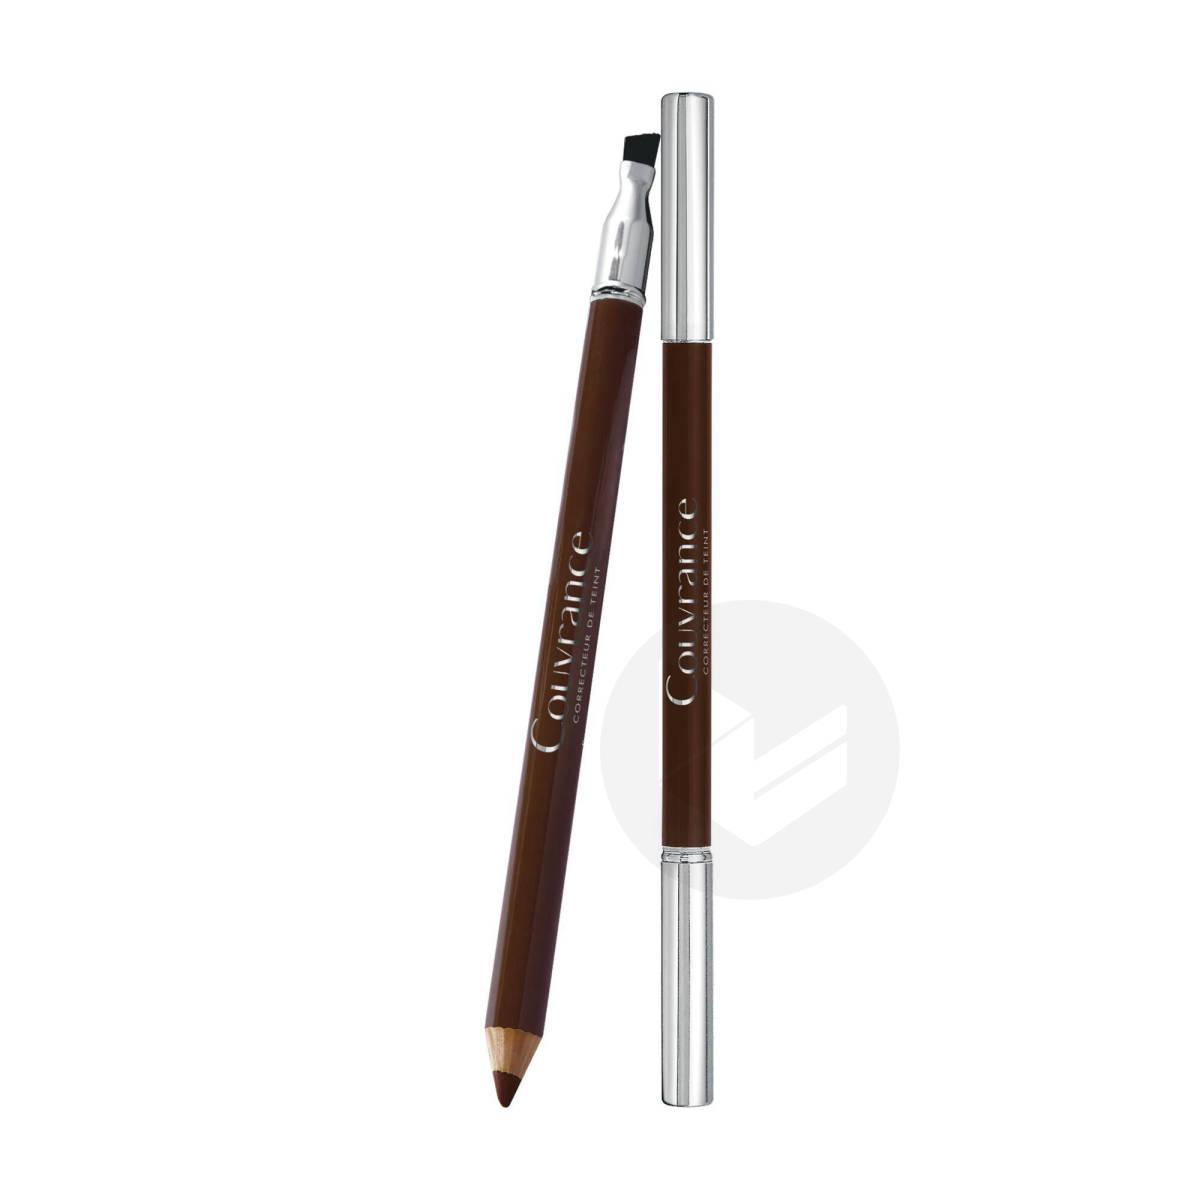 Crayon Correcteur Sourcils Bruns 1,19g